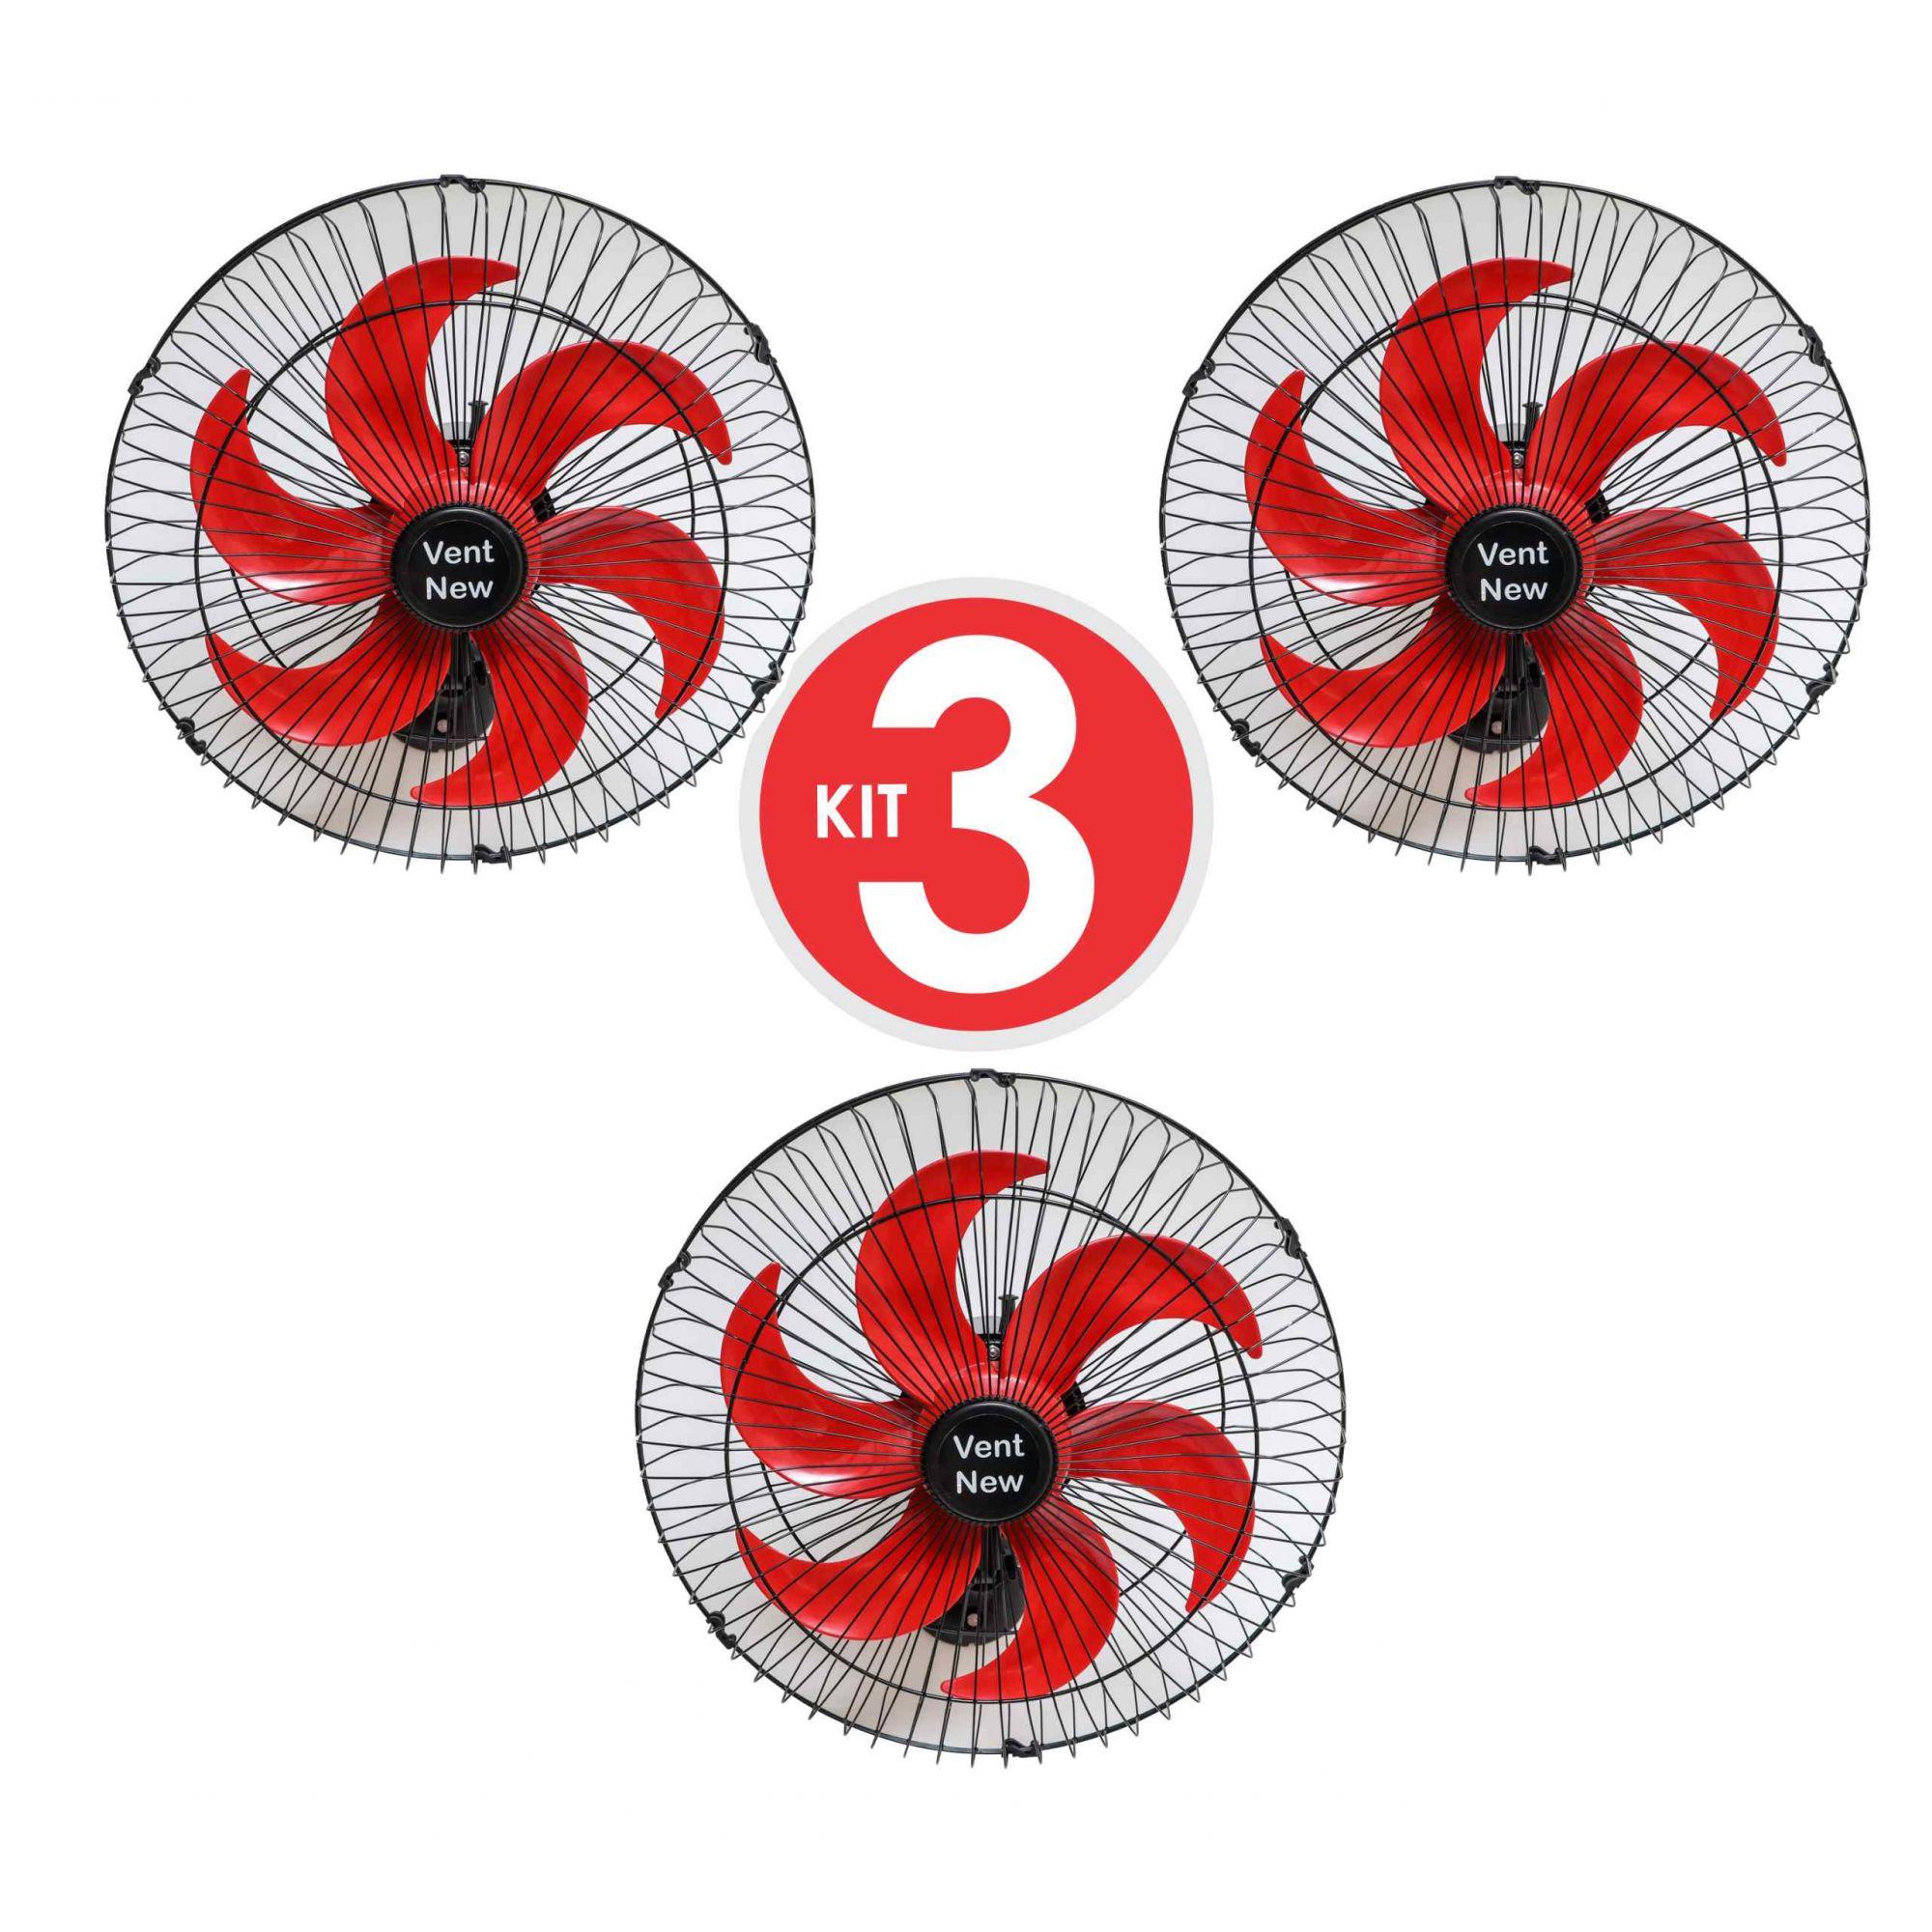 Kit 3 Ventiladores Parede Oscilante 50 Cm Preto / Vermelho Bivolt Grade Aço